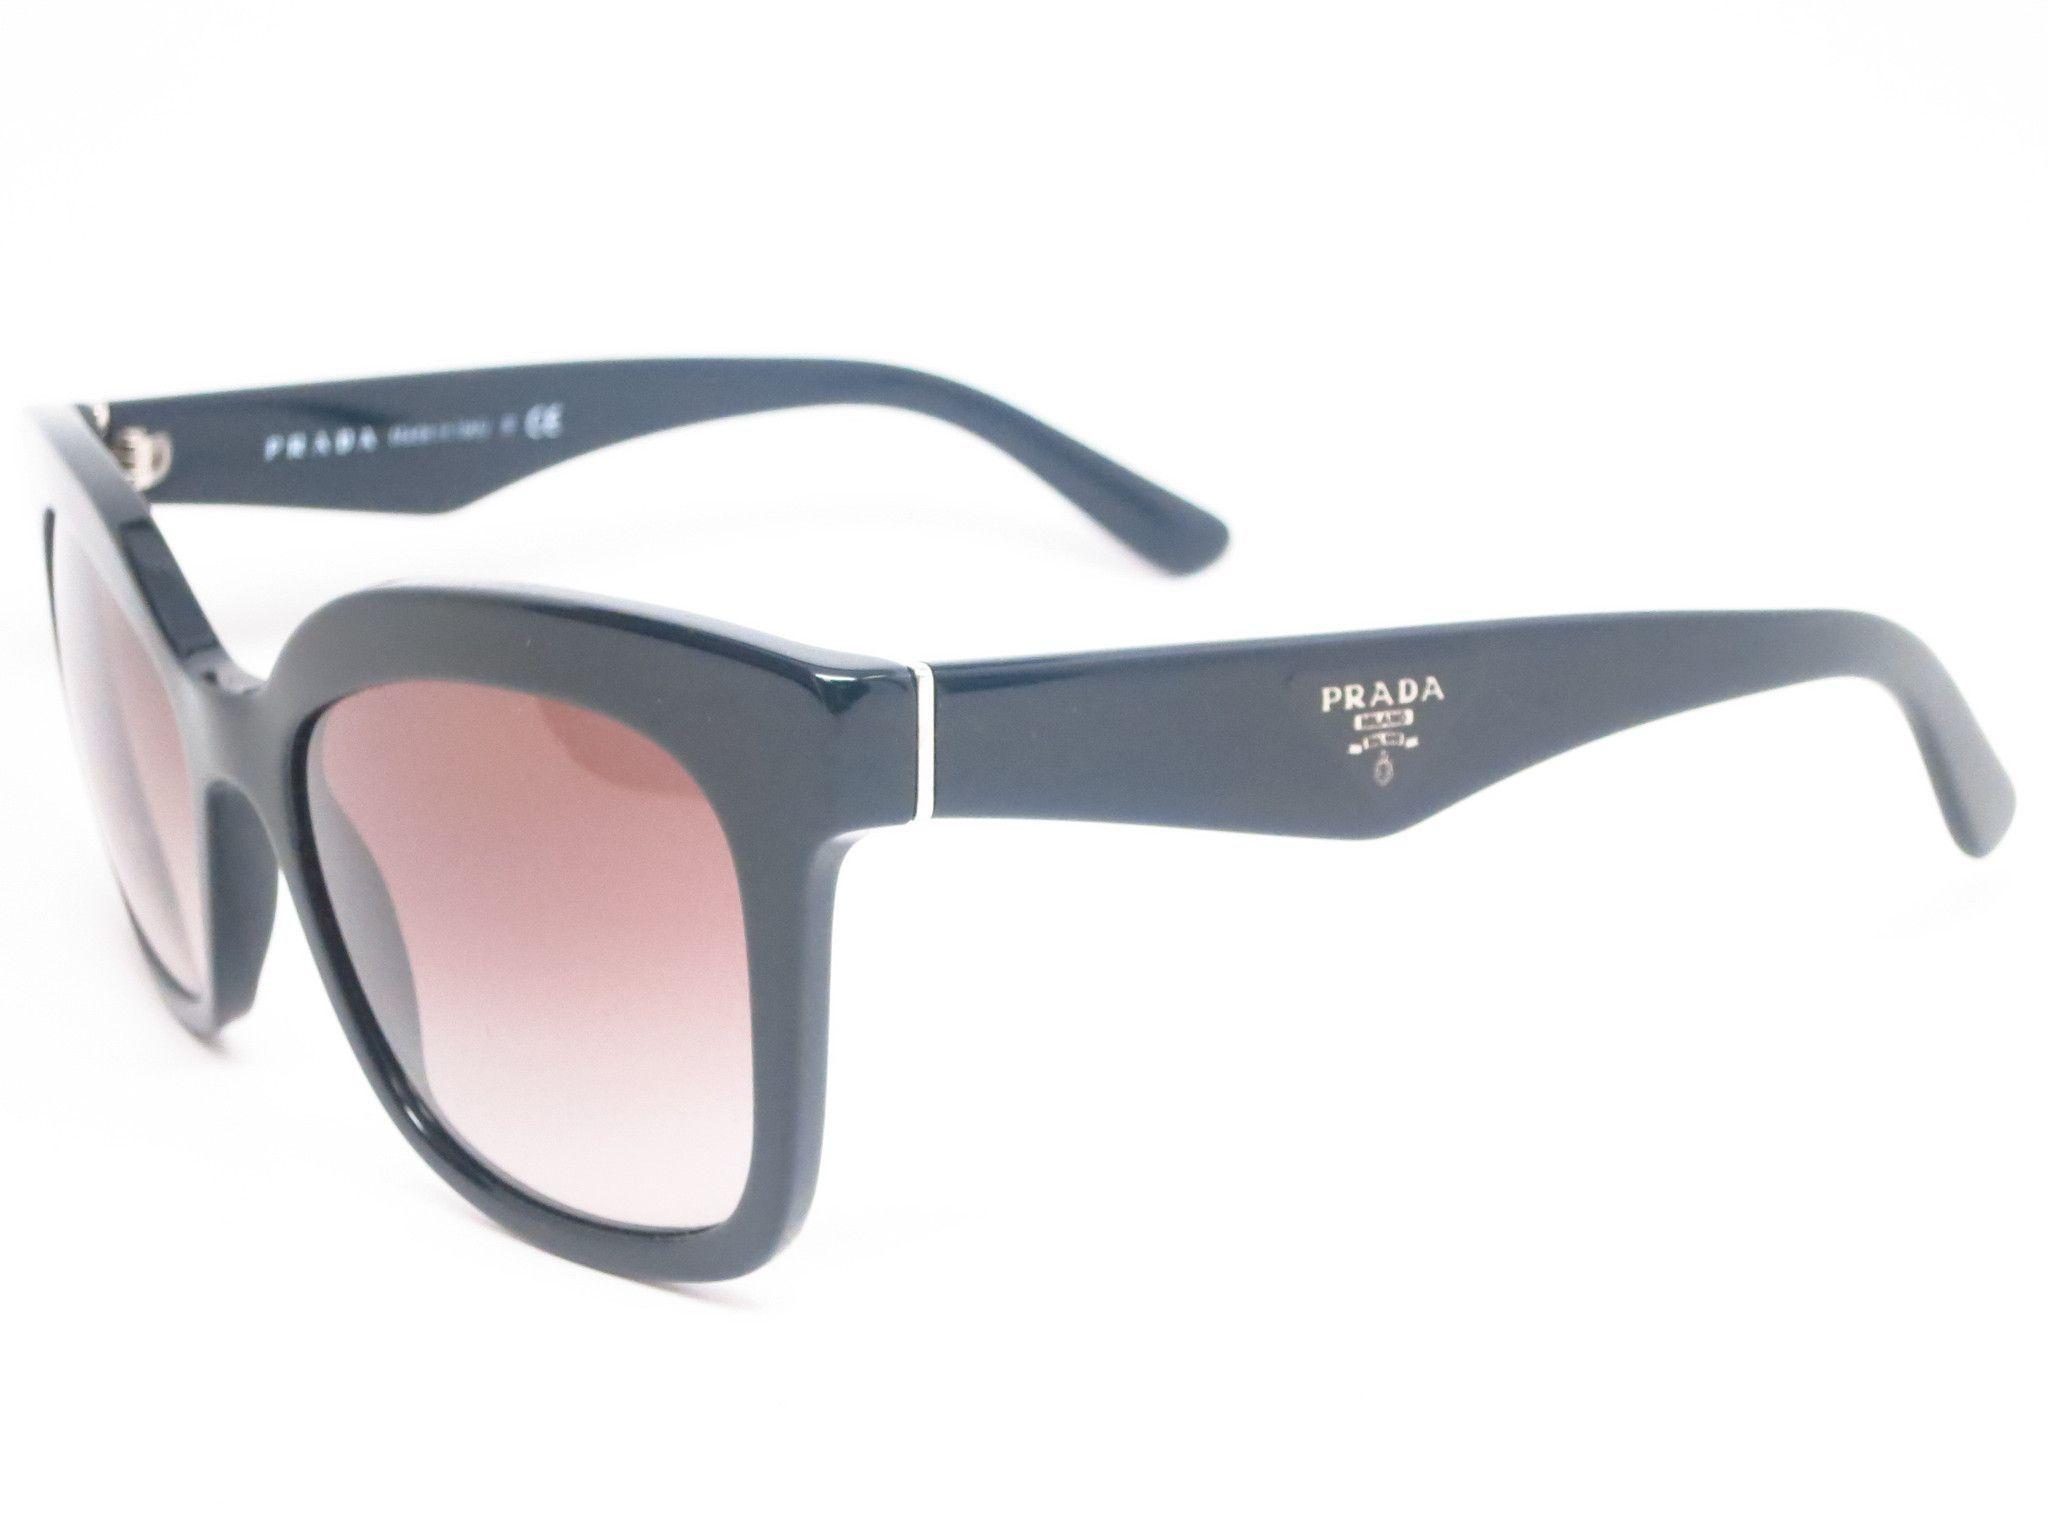 da79bfb3238 Brand Name   Prada Model Number   SPR 24Q Gender   Womens Color Code   1AB